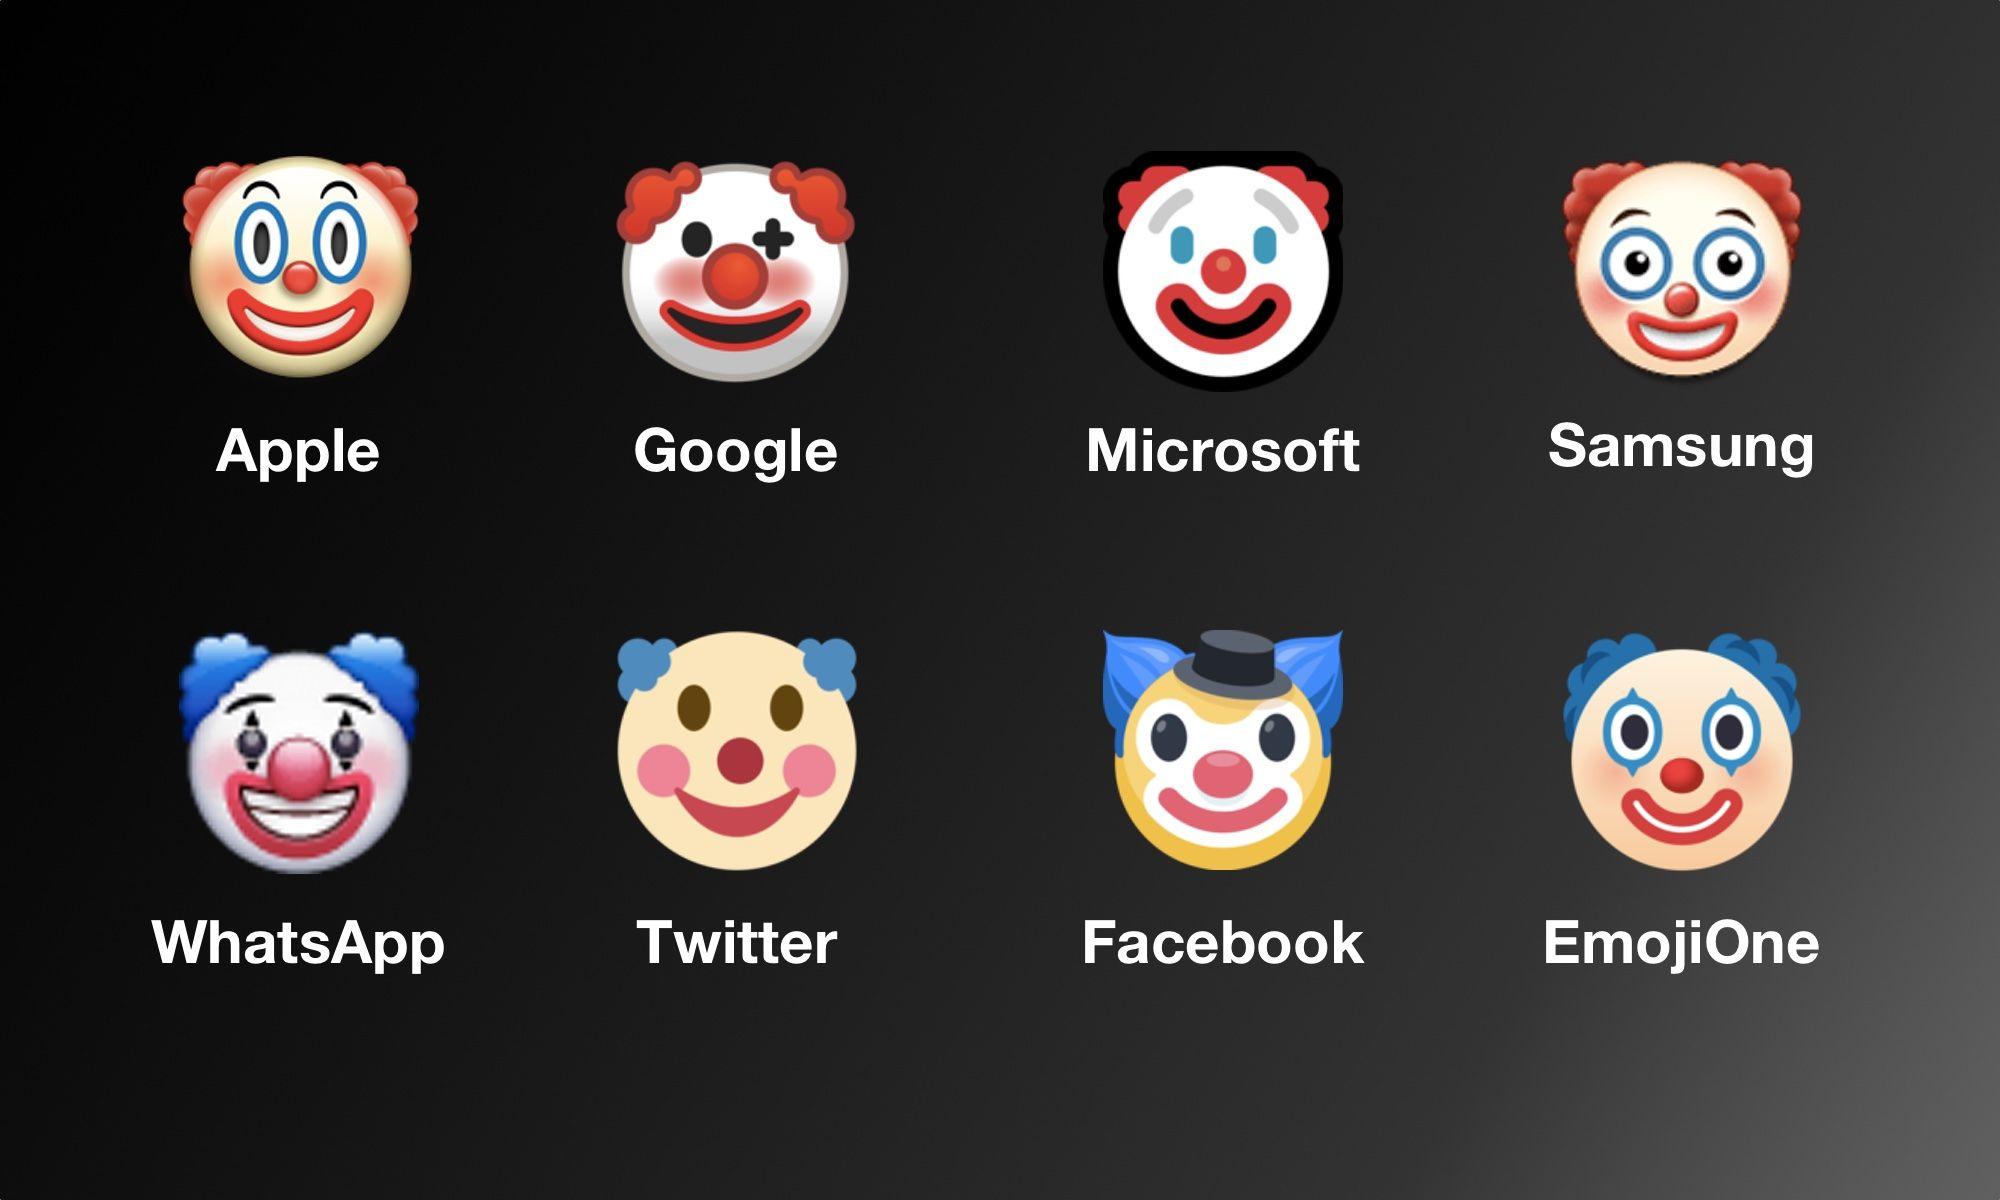 Clown Emoji On Different Platforms